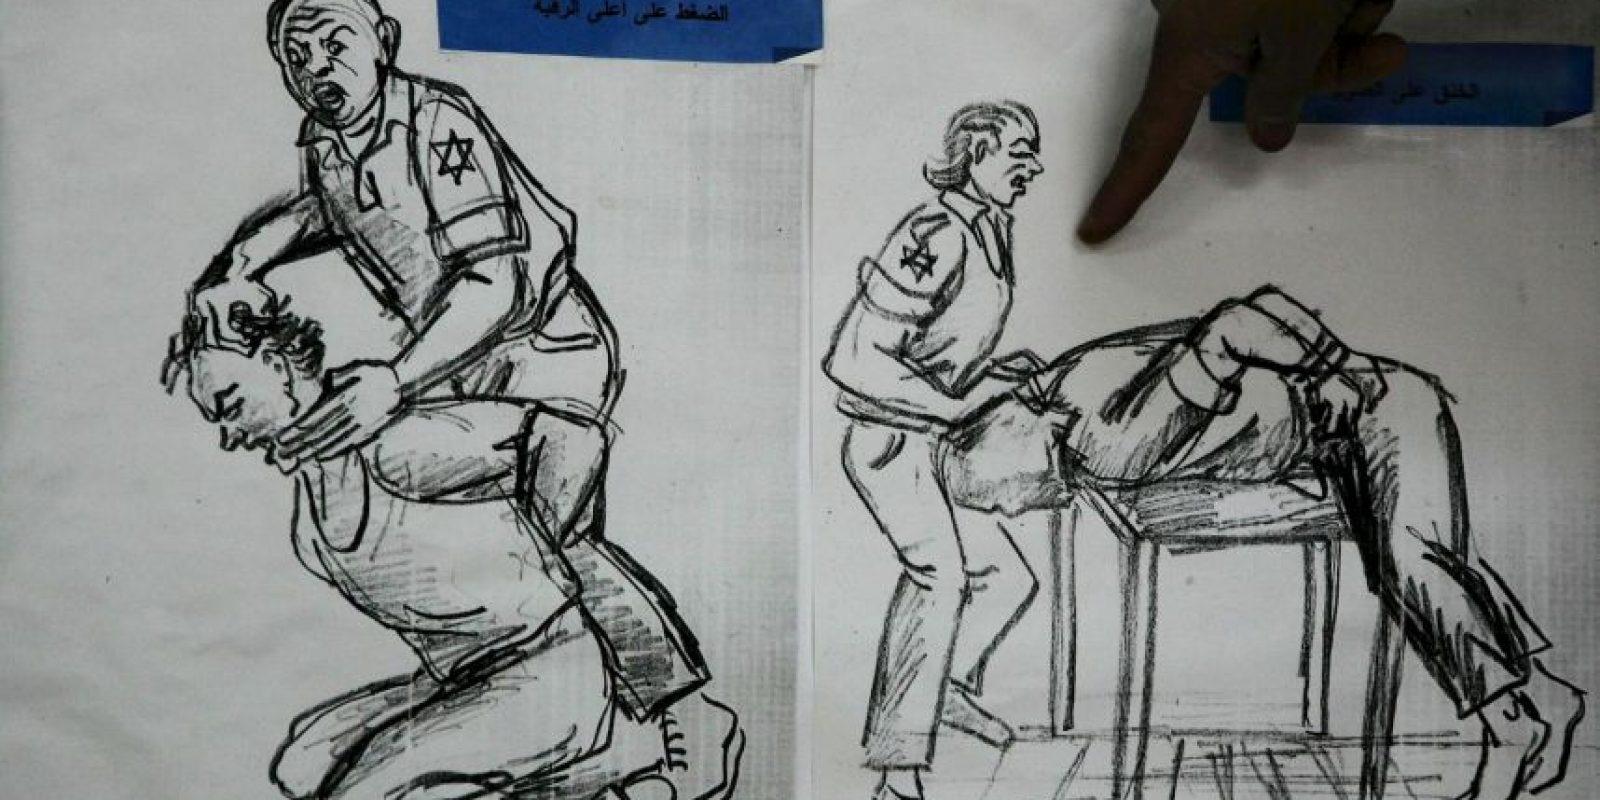 En algunos países siguen permitiéndose castigos tales como la flagelación, y las investigaciones sobre el uso de la tortura son casi insólitas. Foto:Getty Images. Información: Amnistía Internacional